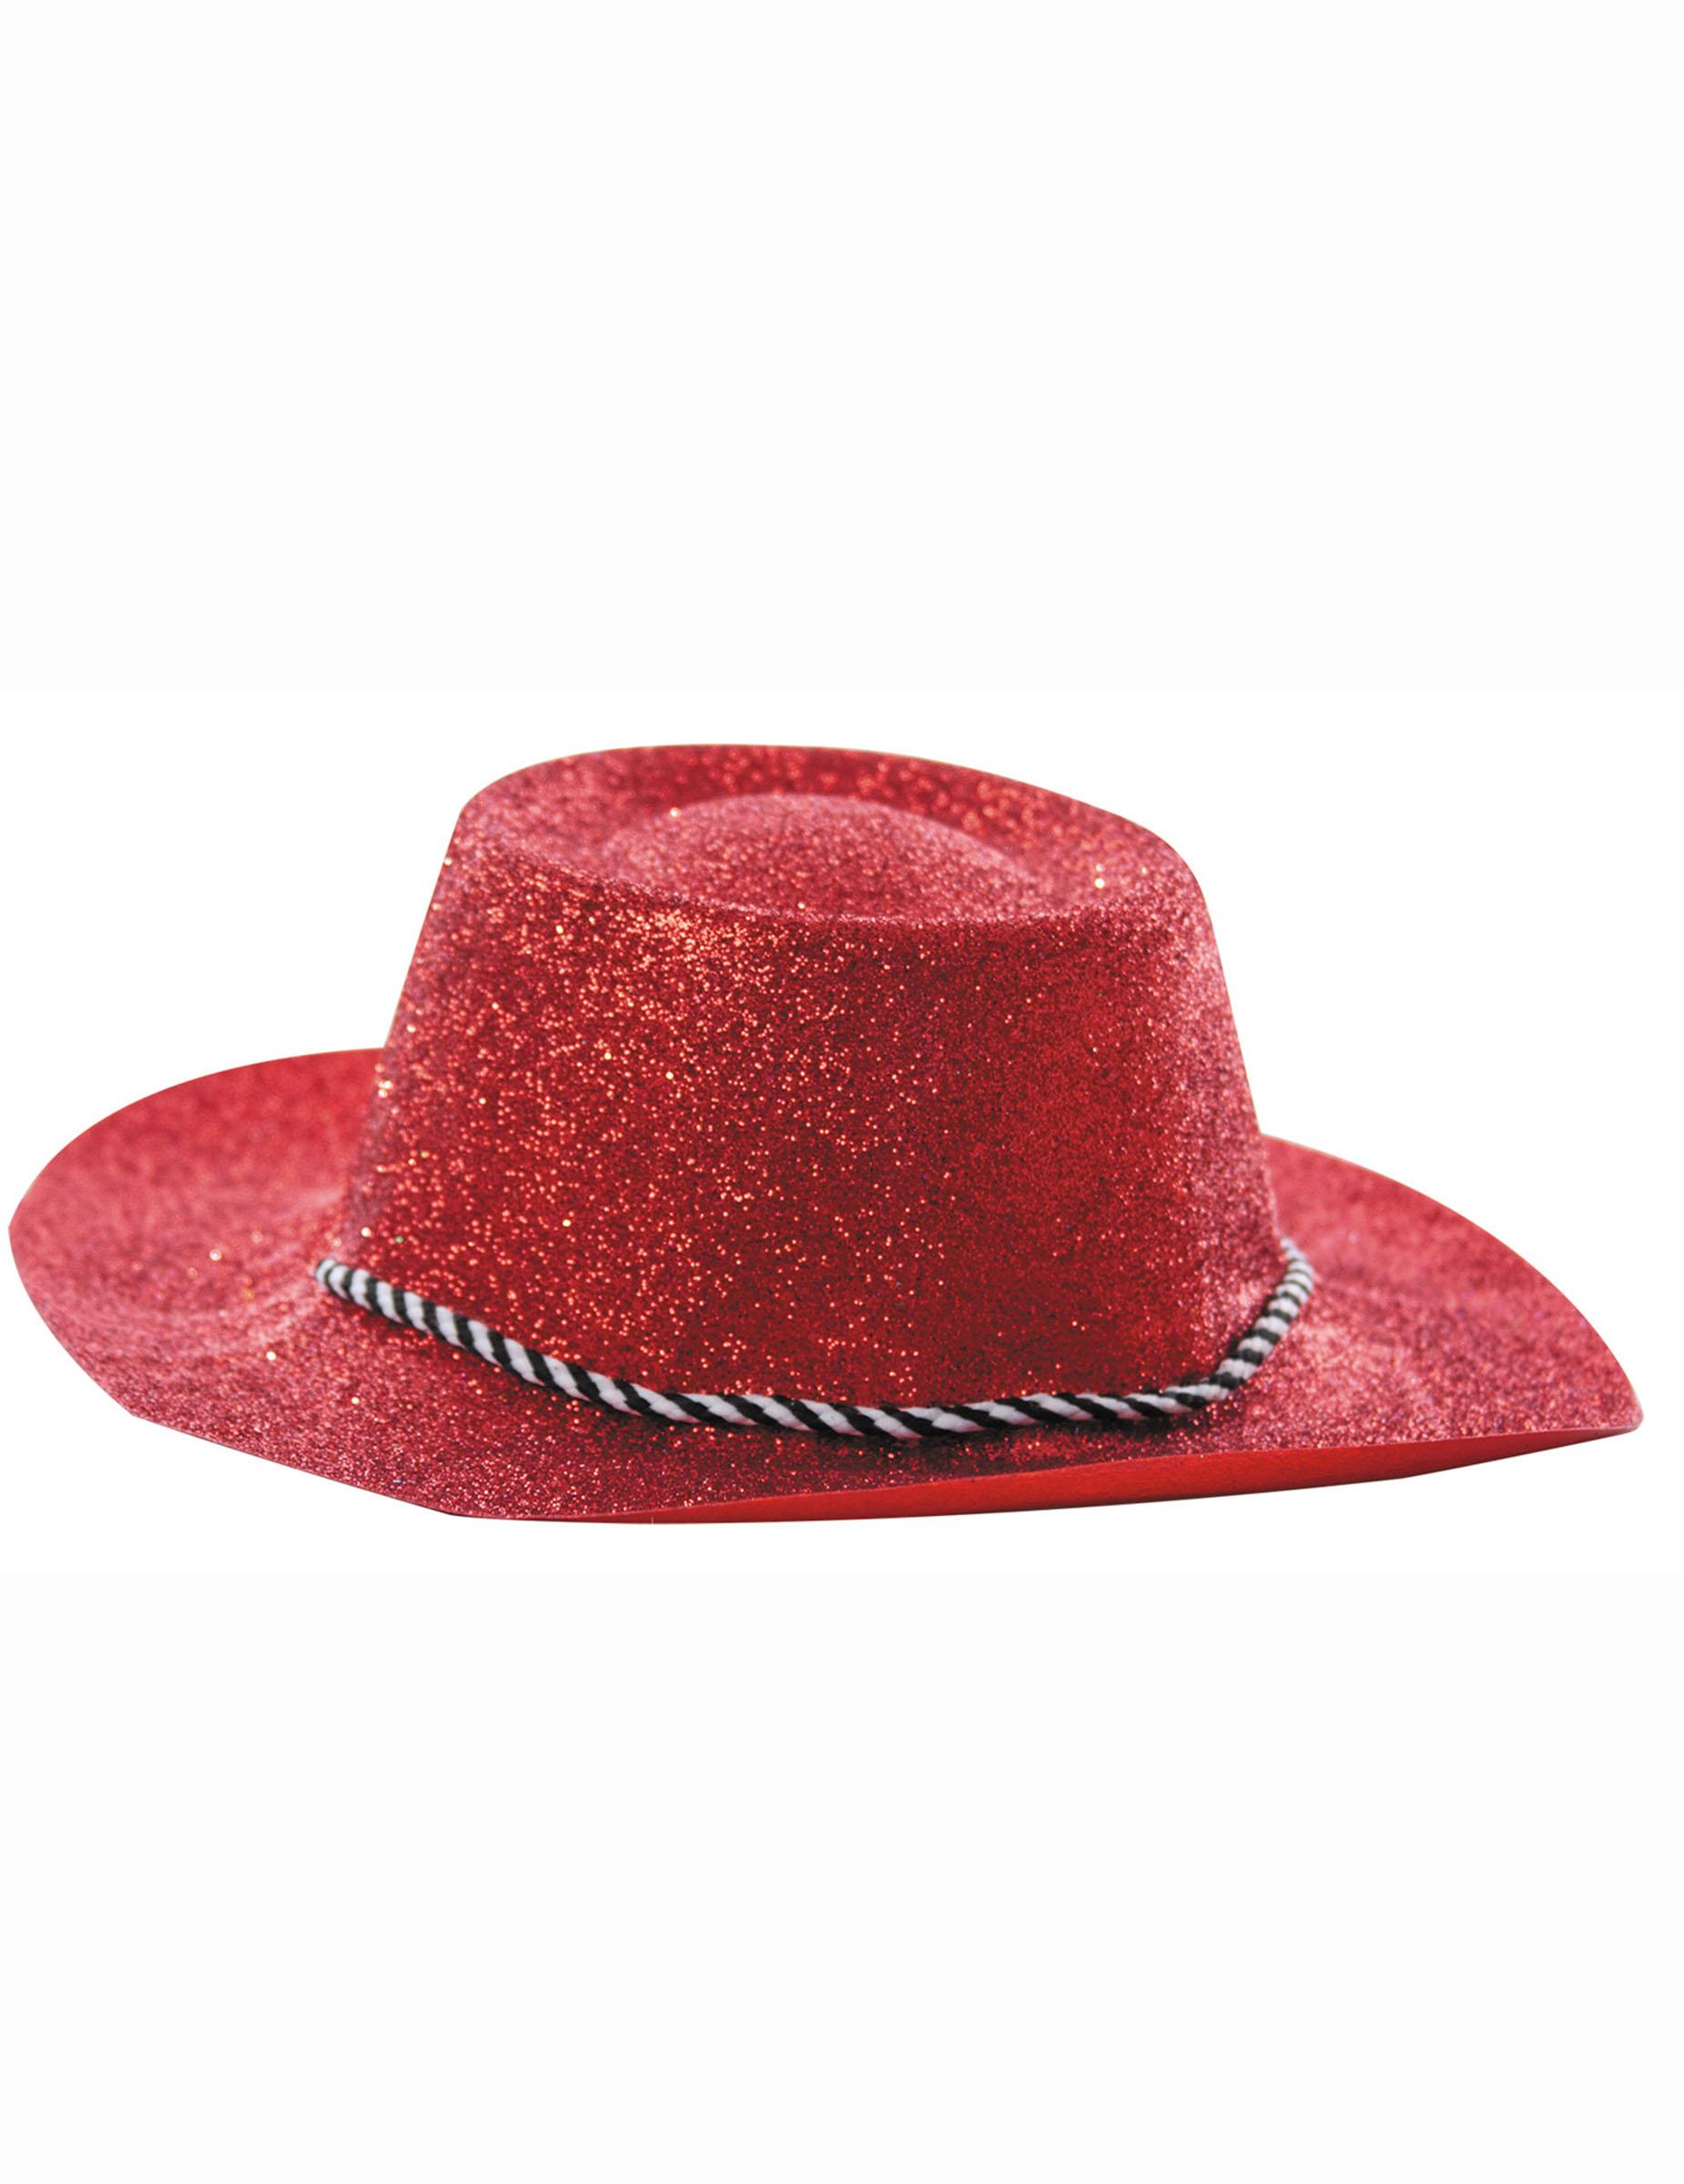 Sombrero rojo de vaquera con lentejuelas  Sombreros 8f36cd515b1